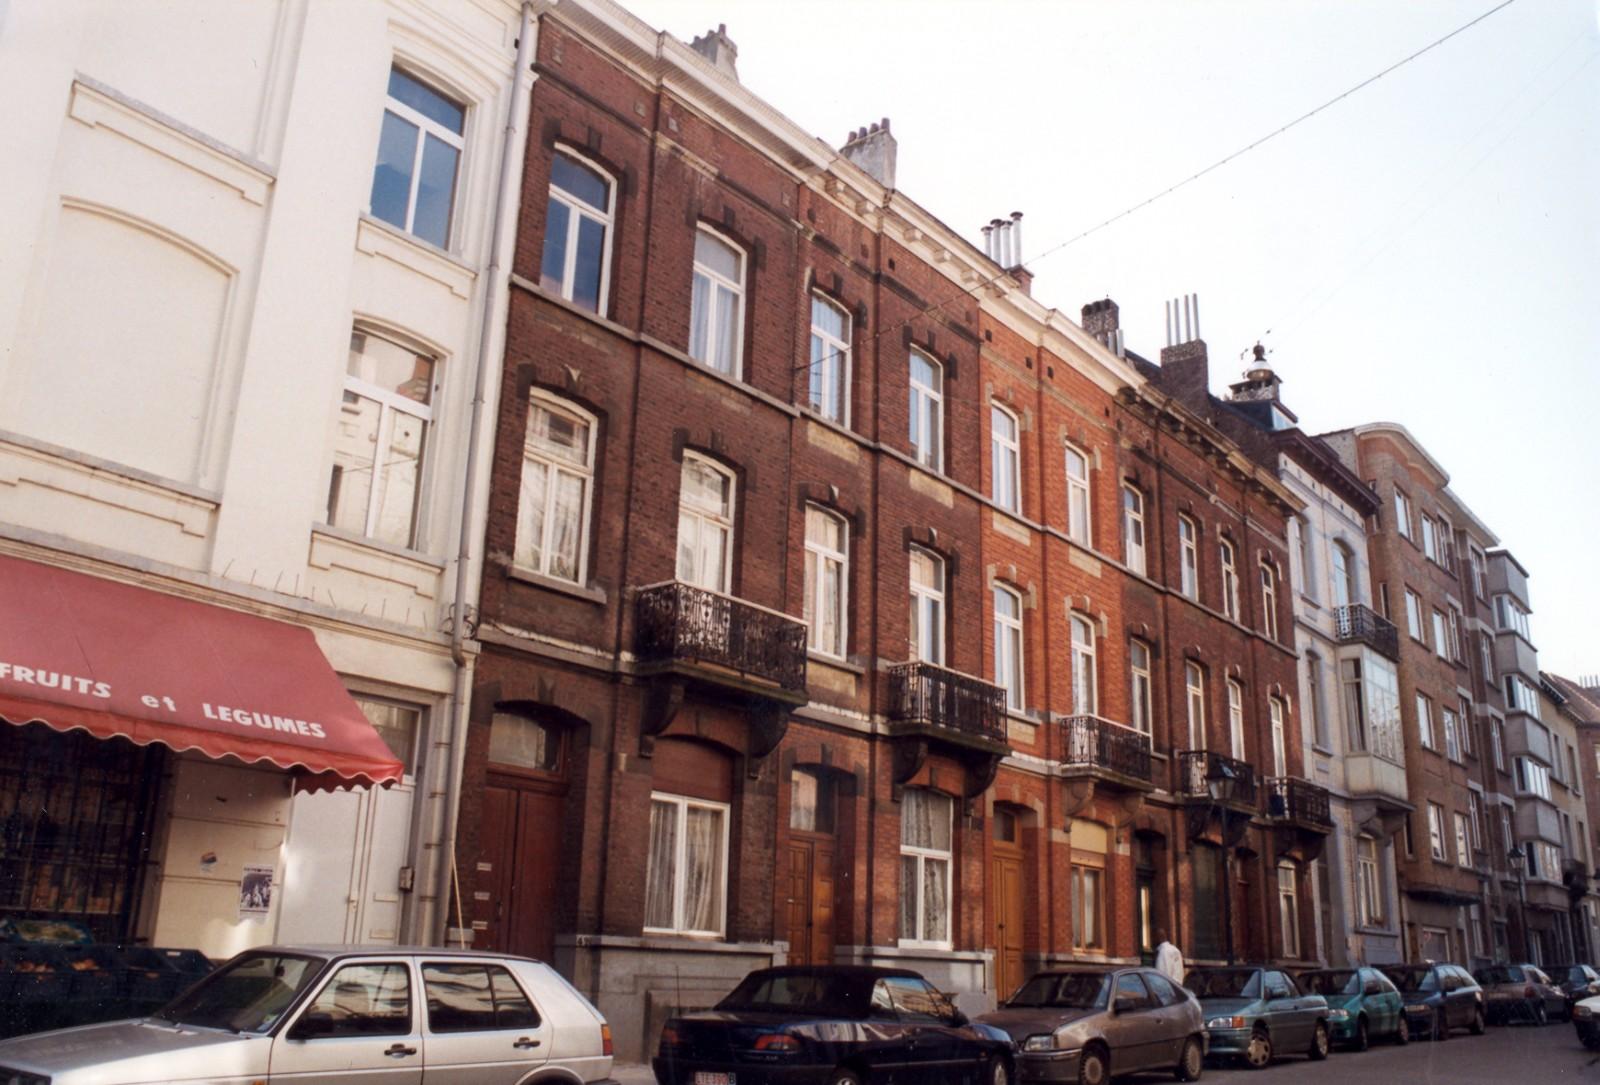 Saint gilles rue de parme 42 44 46 48 50 vuy for Rue de parme